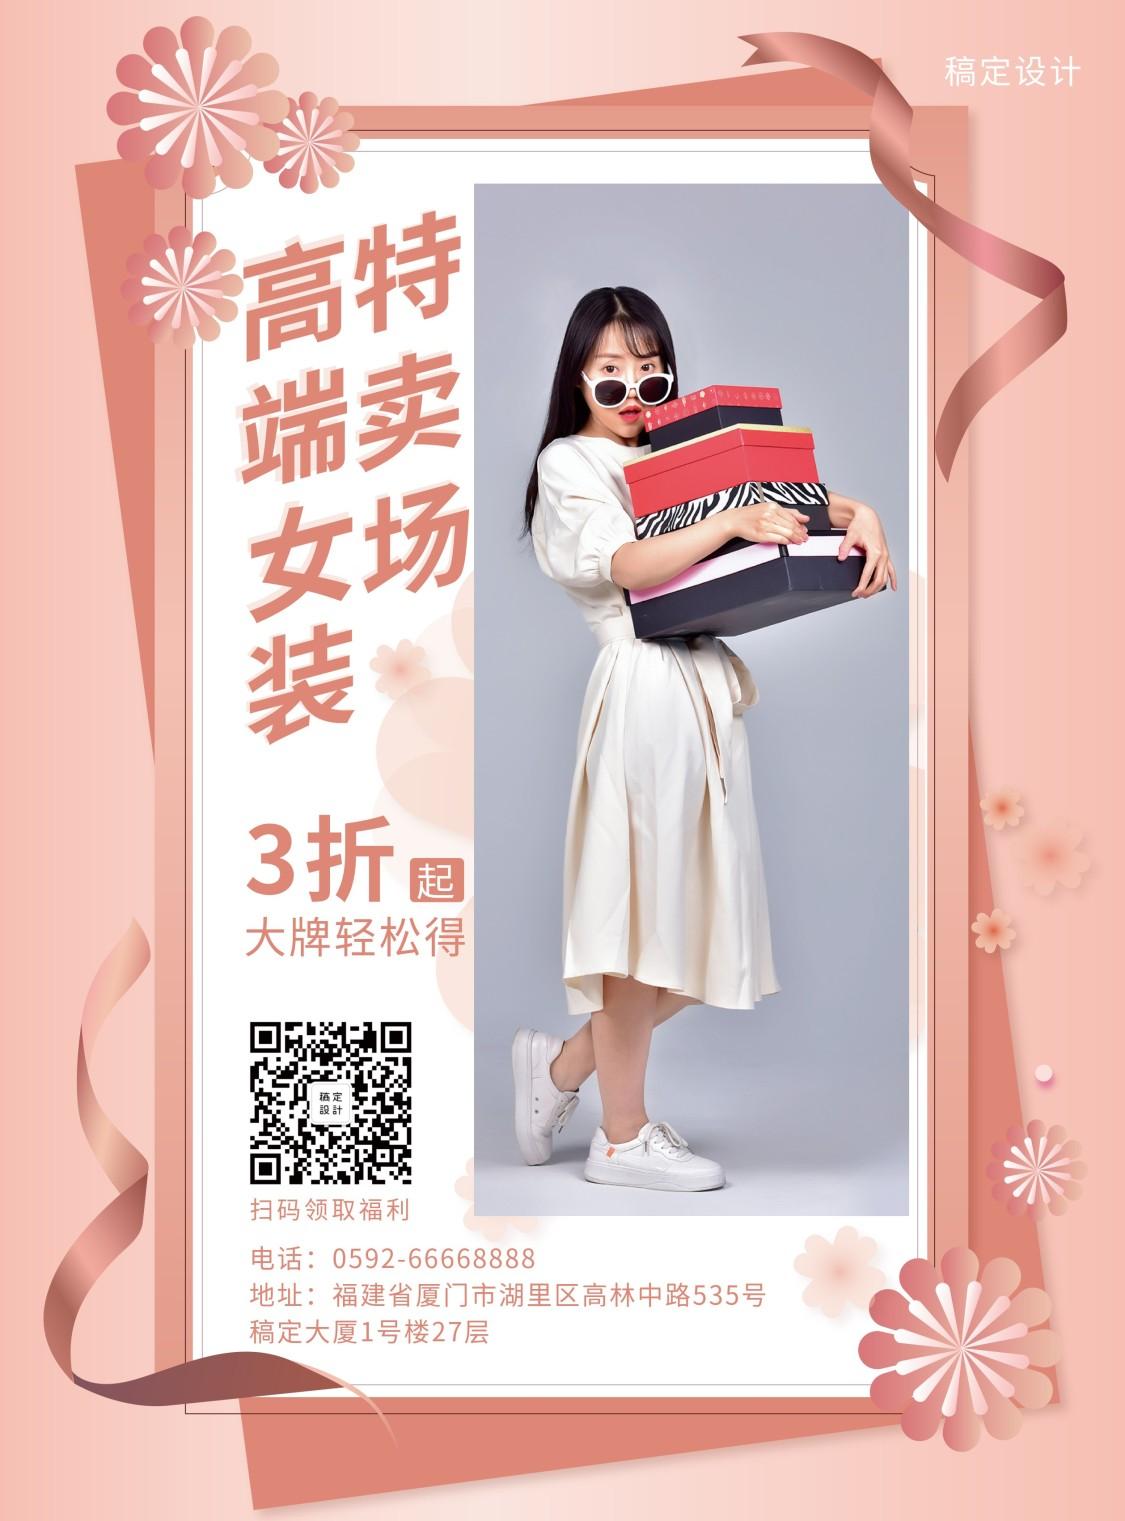 女装特卖/张贴海报